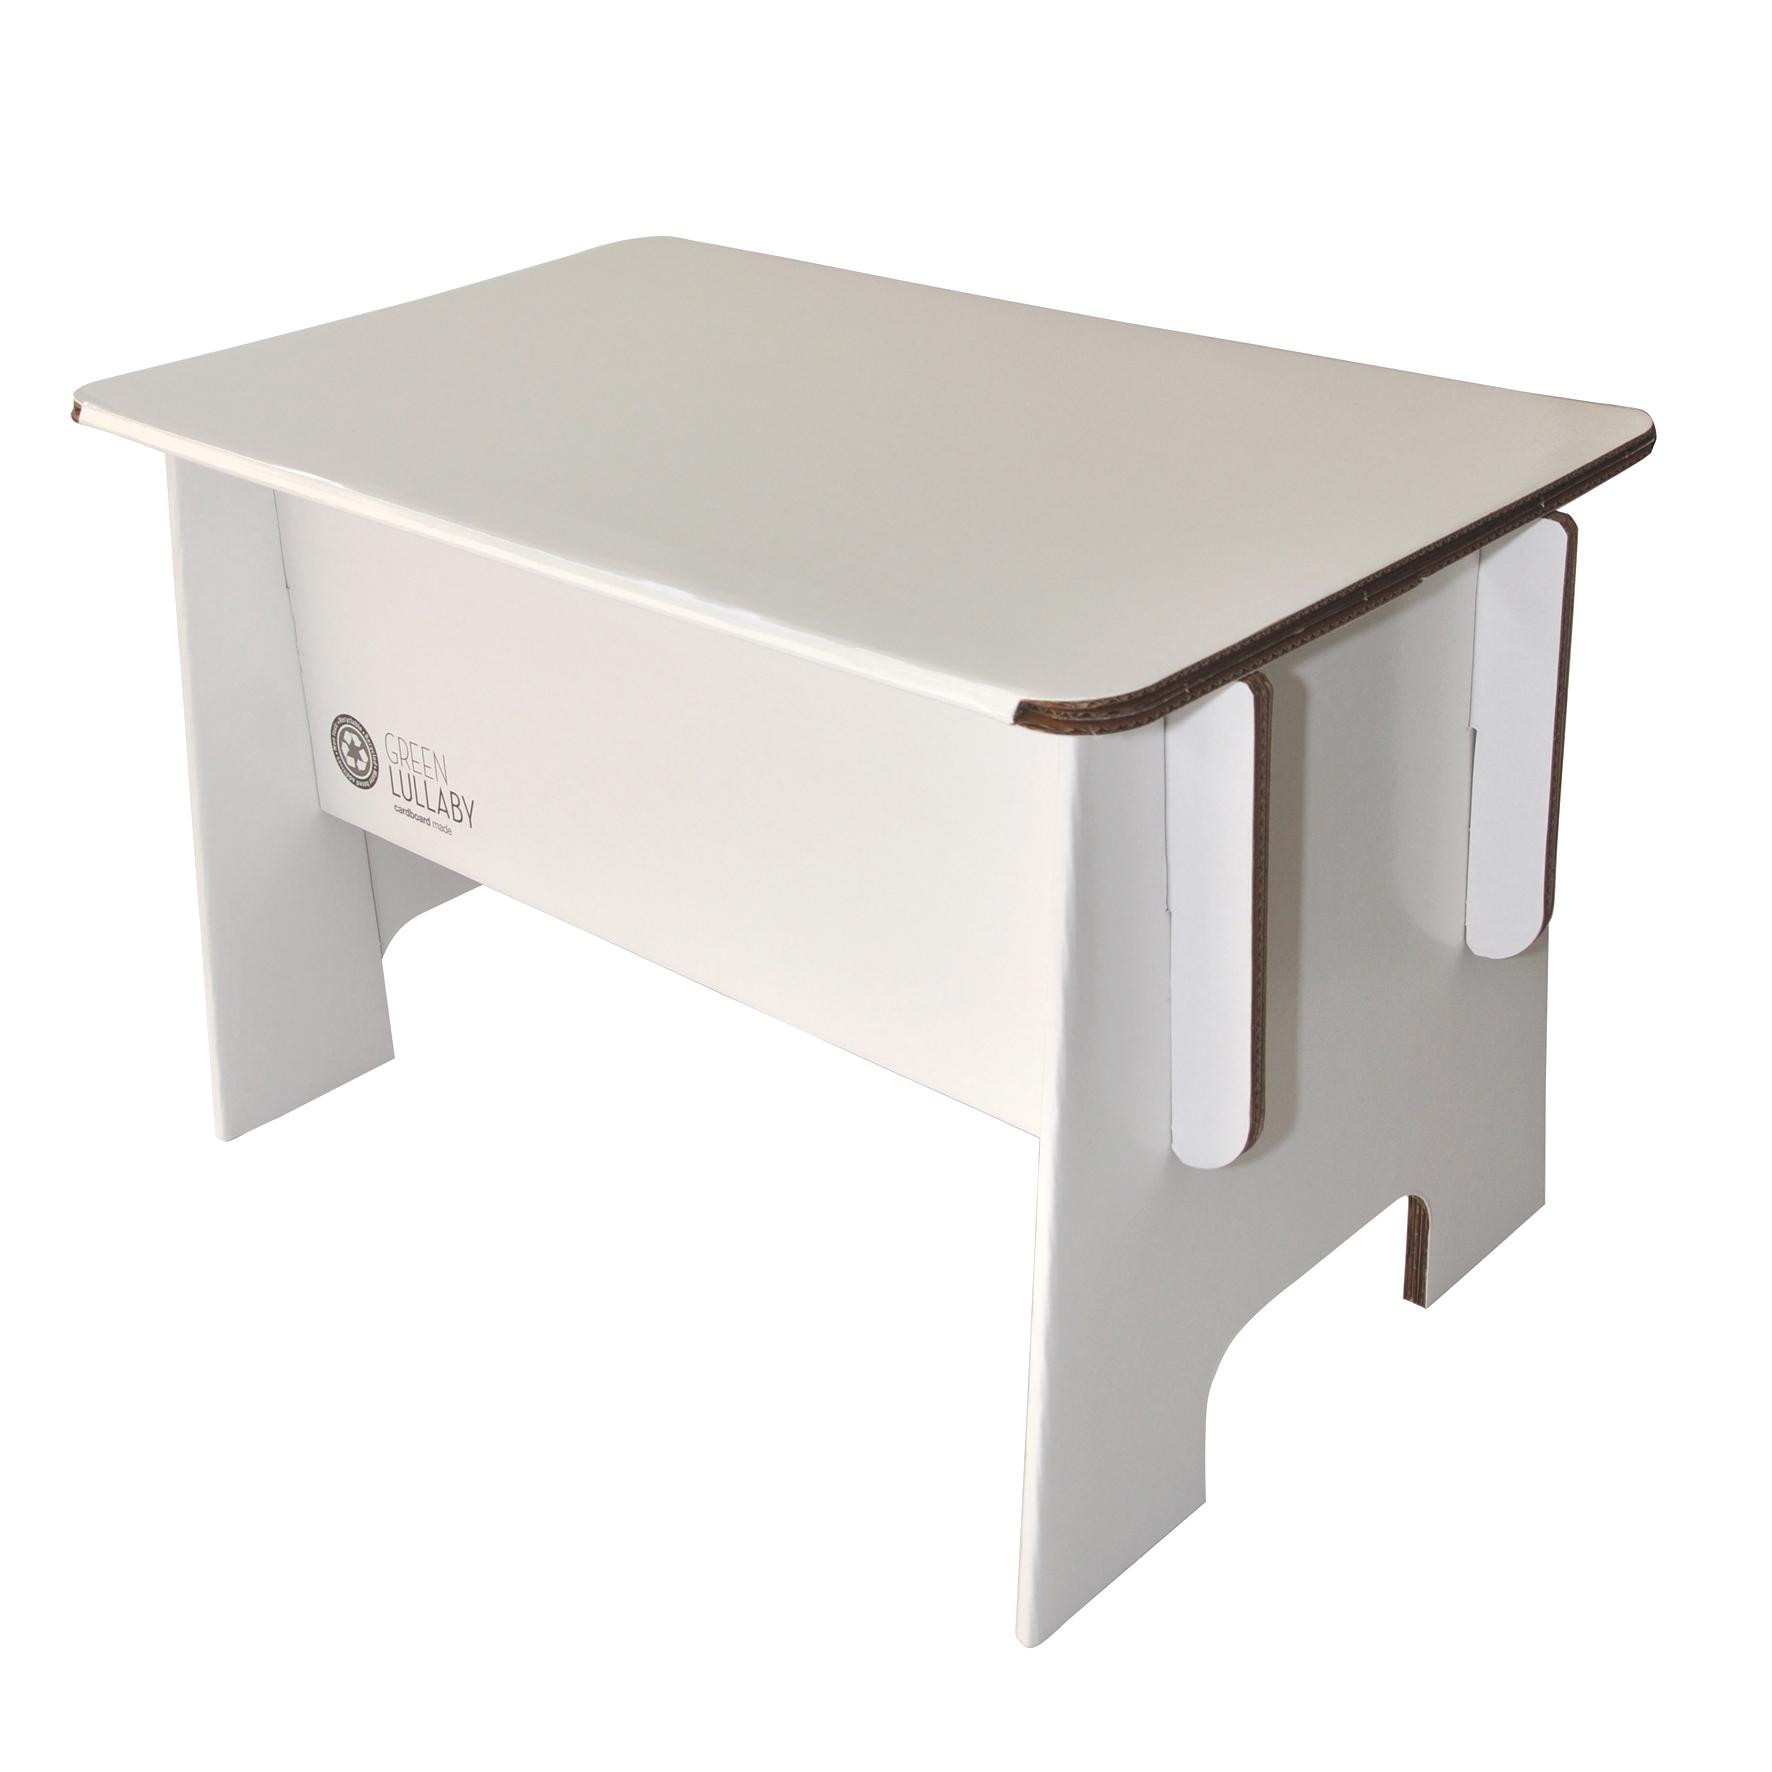 table en carton green lullaby pour chambre enfant les enfants du design. Black Bedroom Furniture Sets. Home Design Ideas